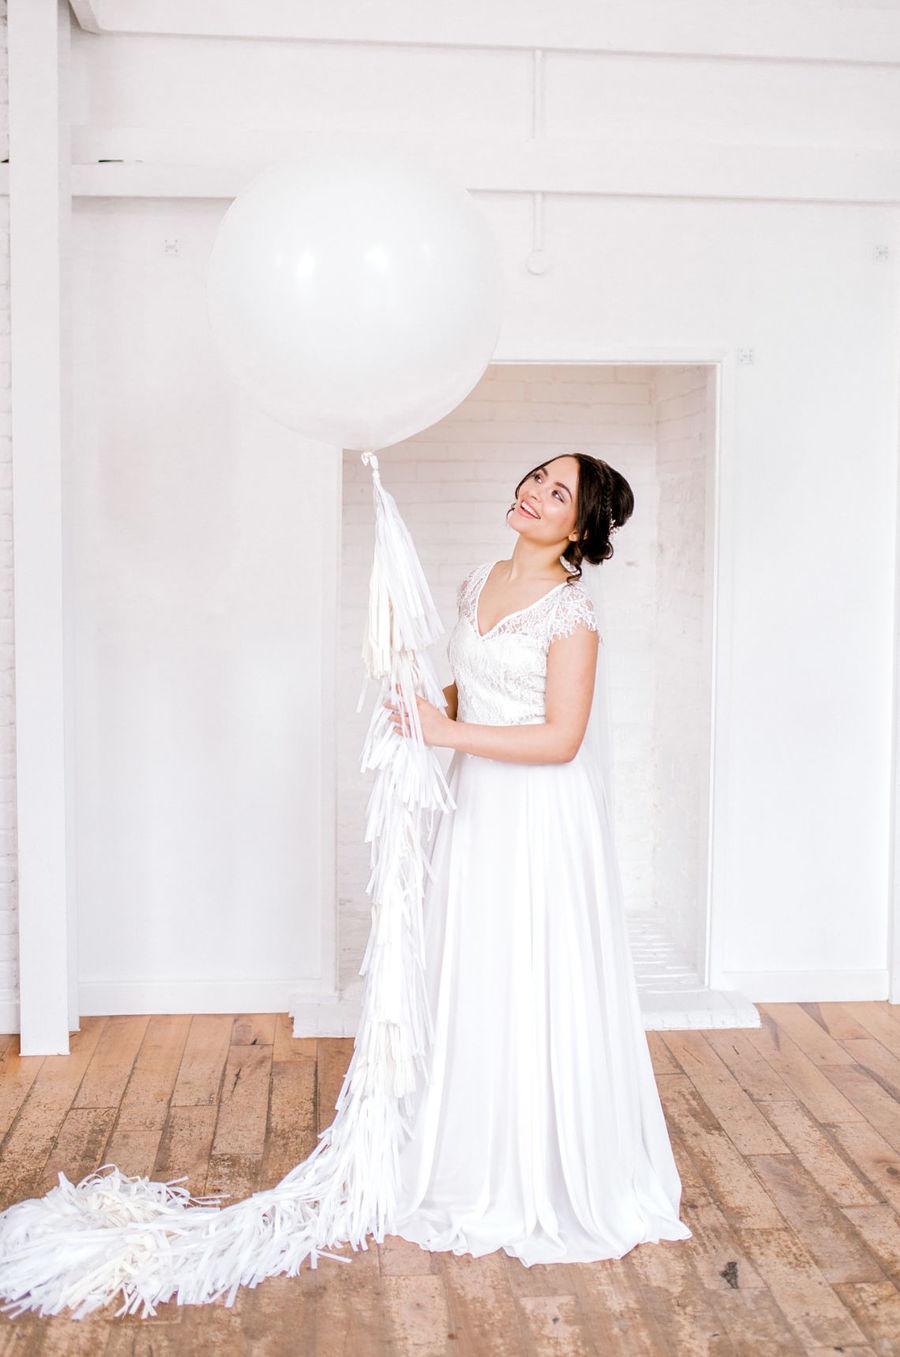 Minimal elegant wedding style ideas by Wildflower Wedding Planner Natasha, images Helene Elliott Photography (22)